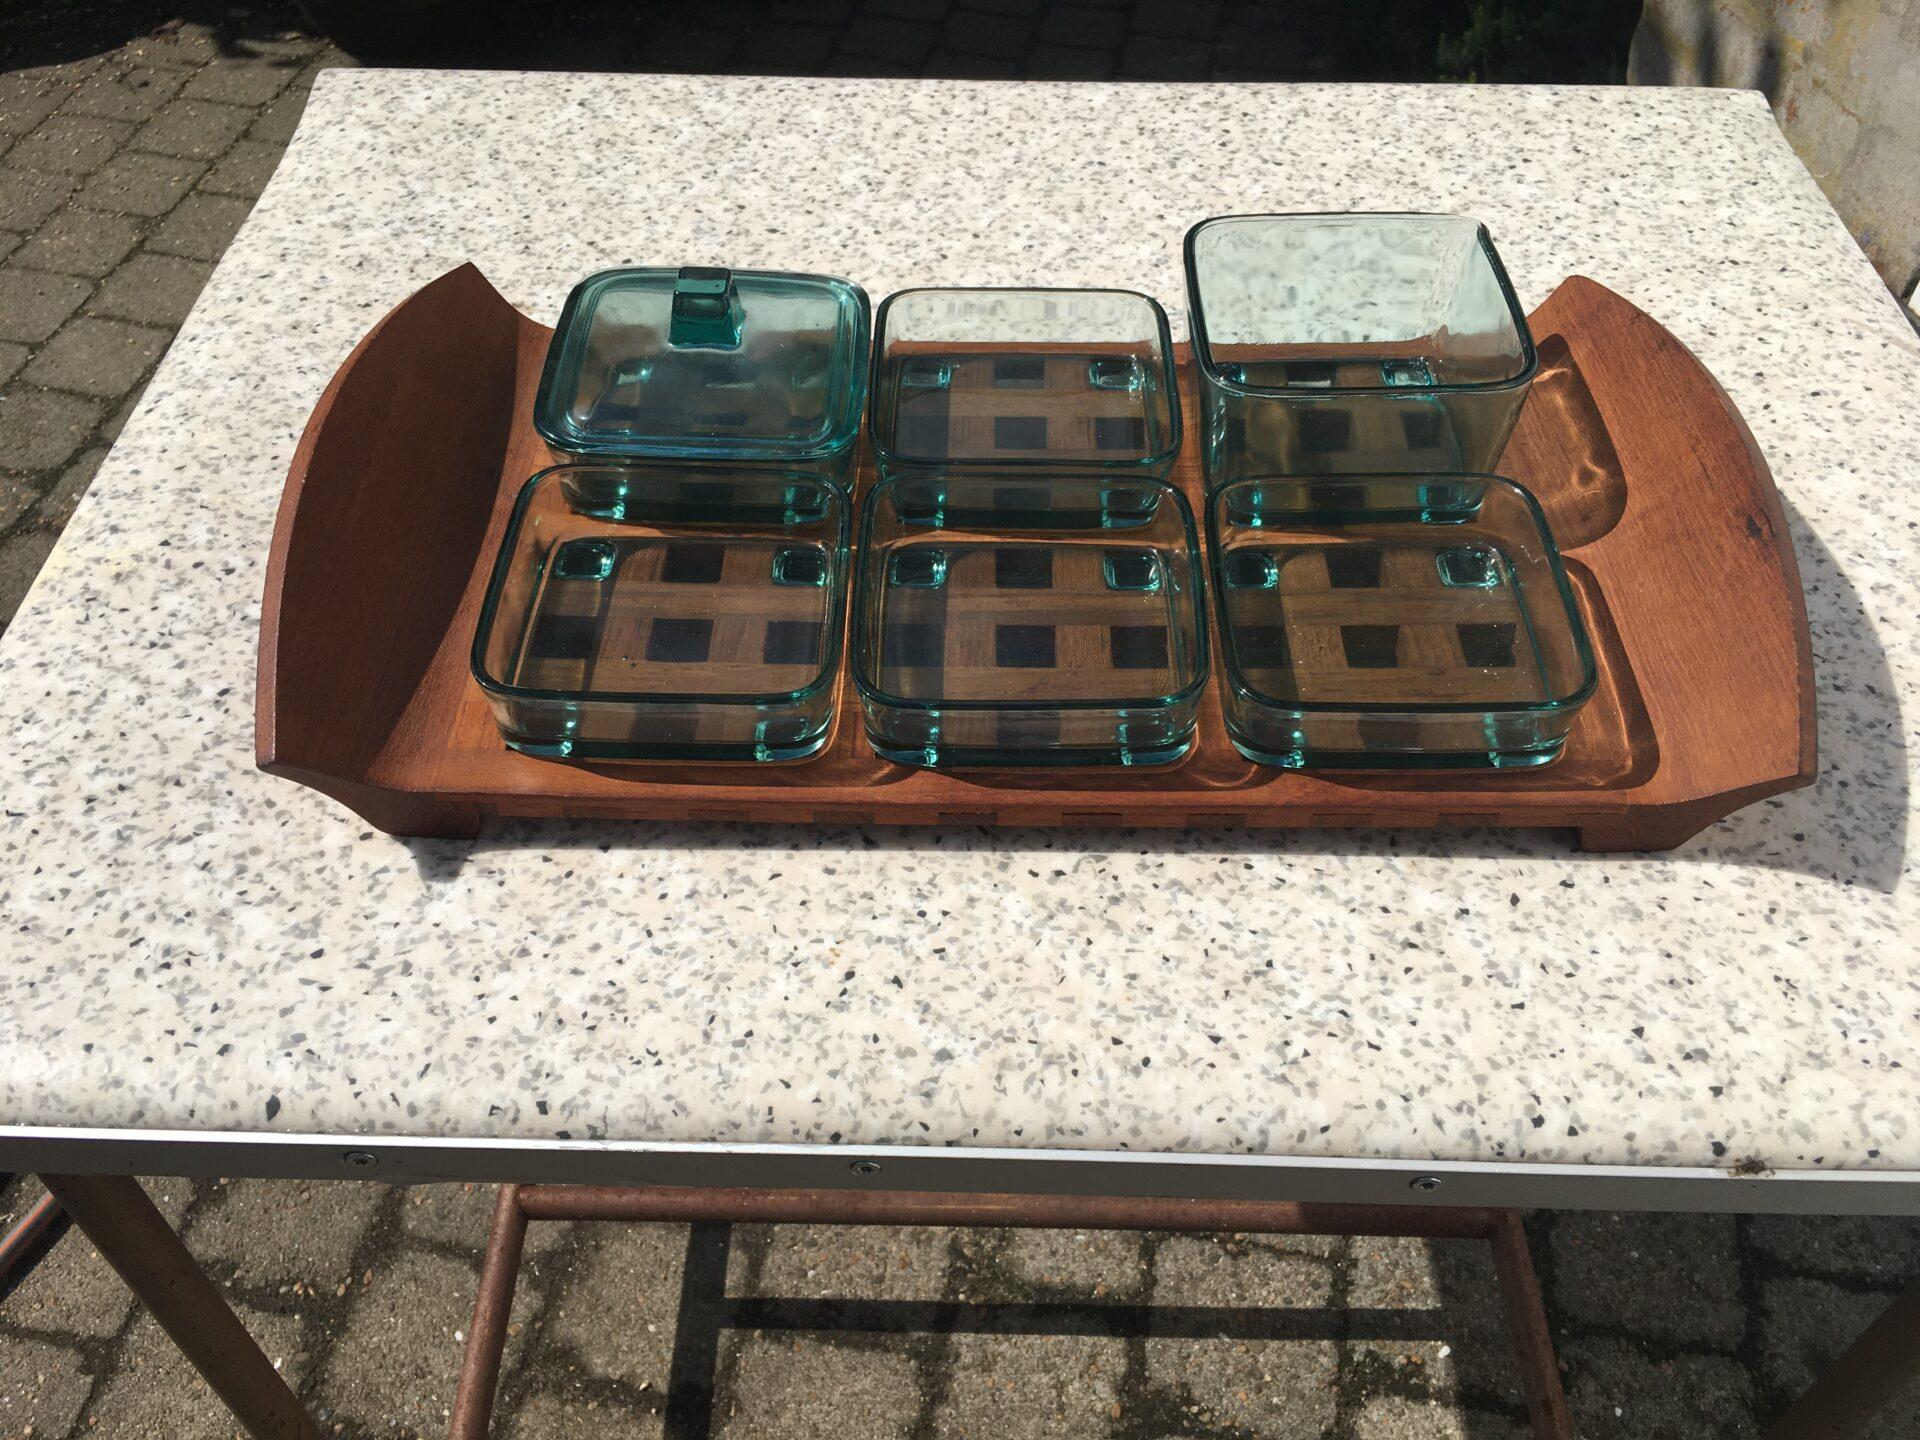 Jens H. Quistgaard, Cabaretfad/anretterbakke, teakbakke med turkisfarvet glasskåle, pris 800kr